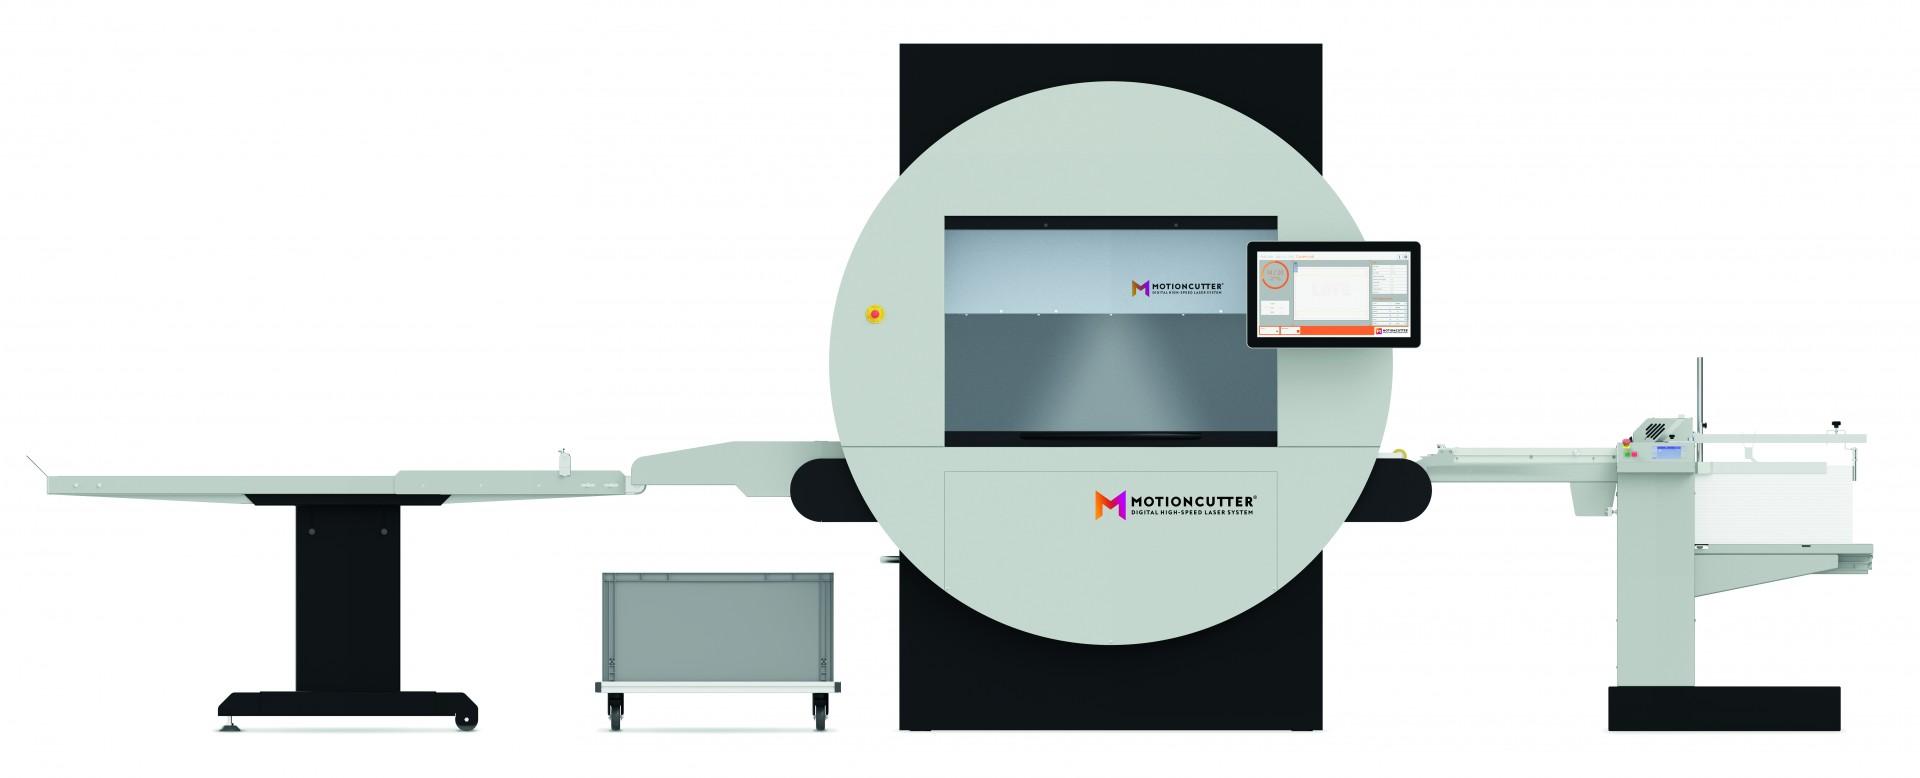 Konica Minolta будет поставлять лазерные резаки MOTIONCUTTER